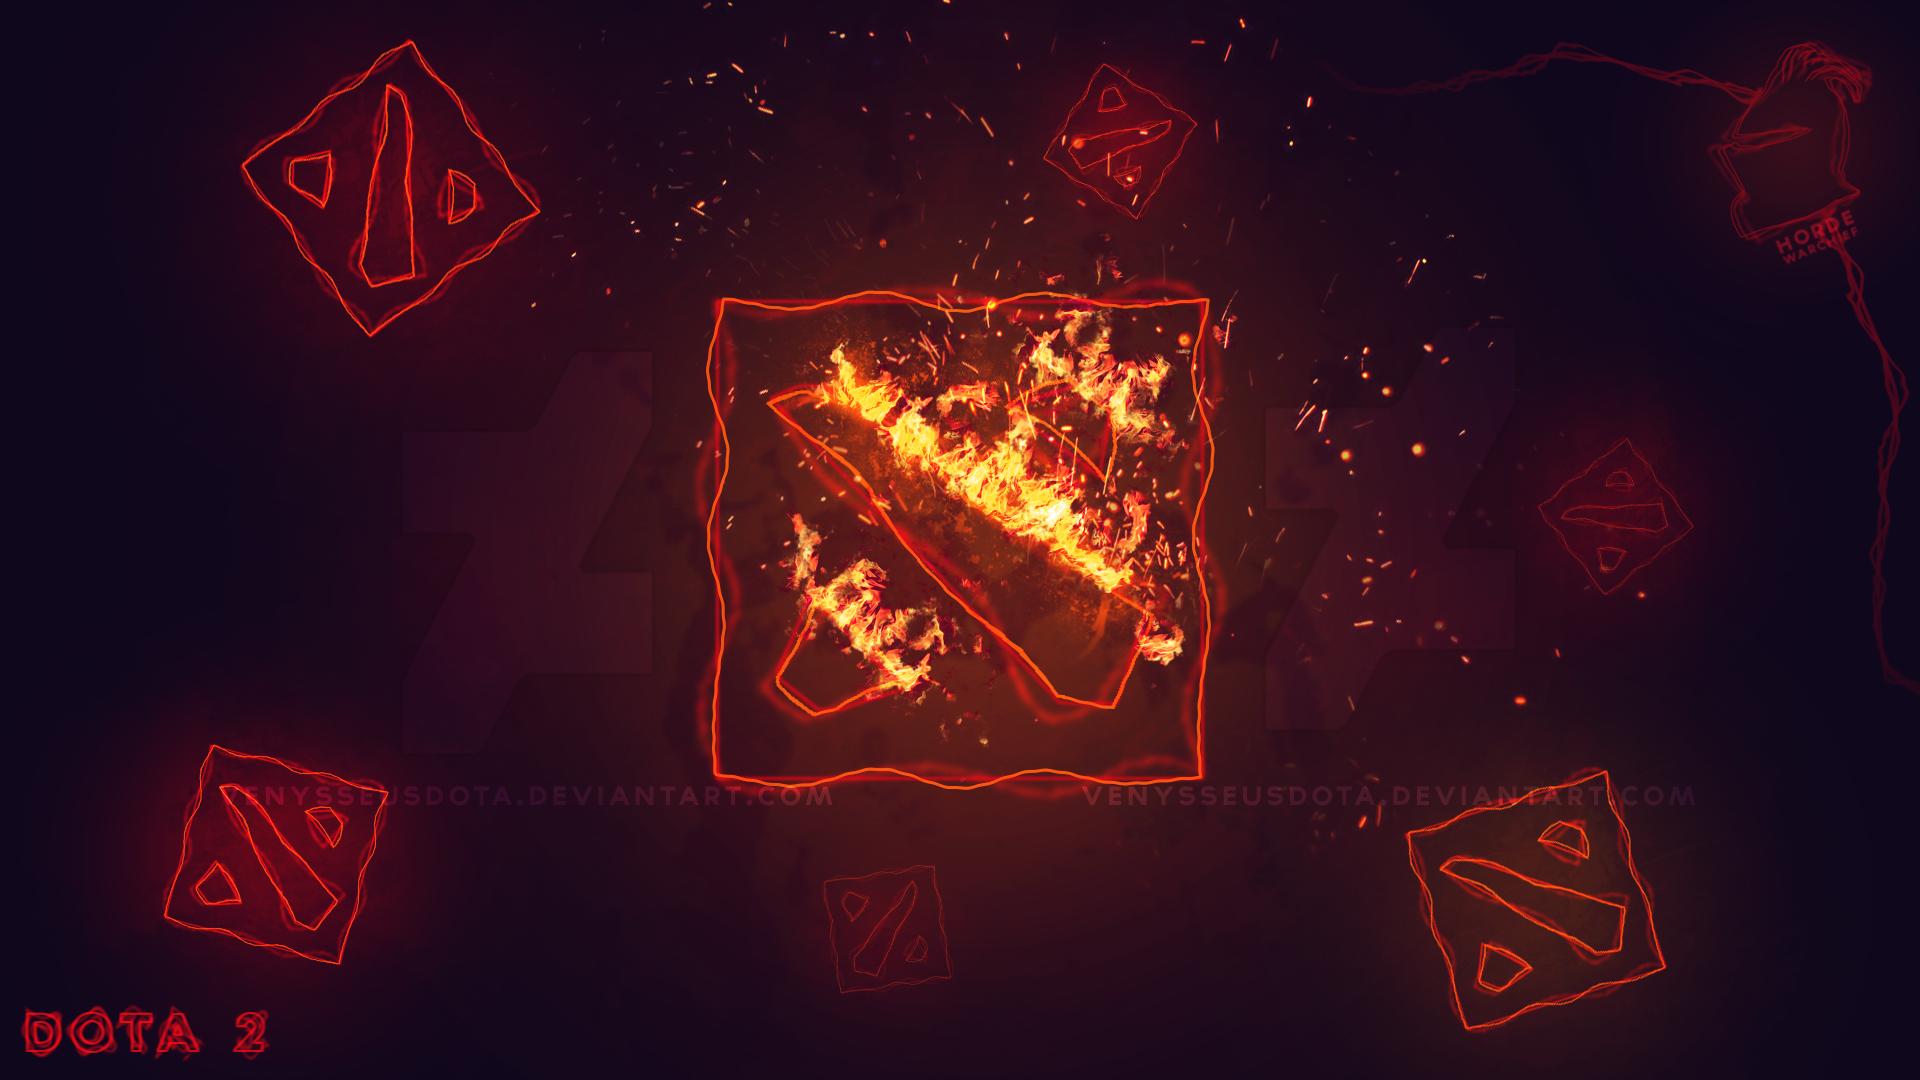 Dota 2 Fiery Wallpaper Prev by VenysseusDOTA